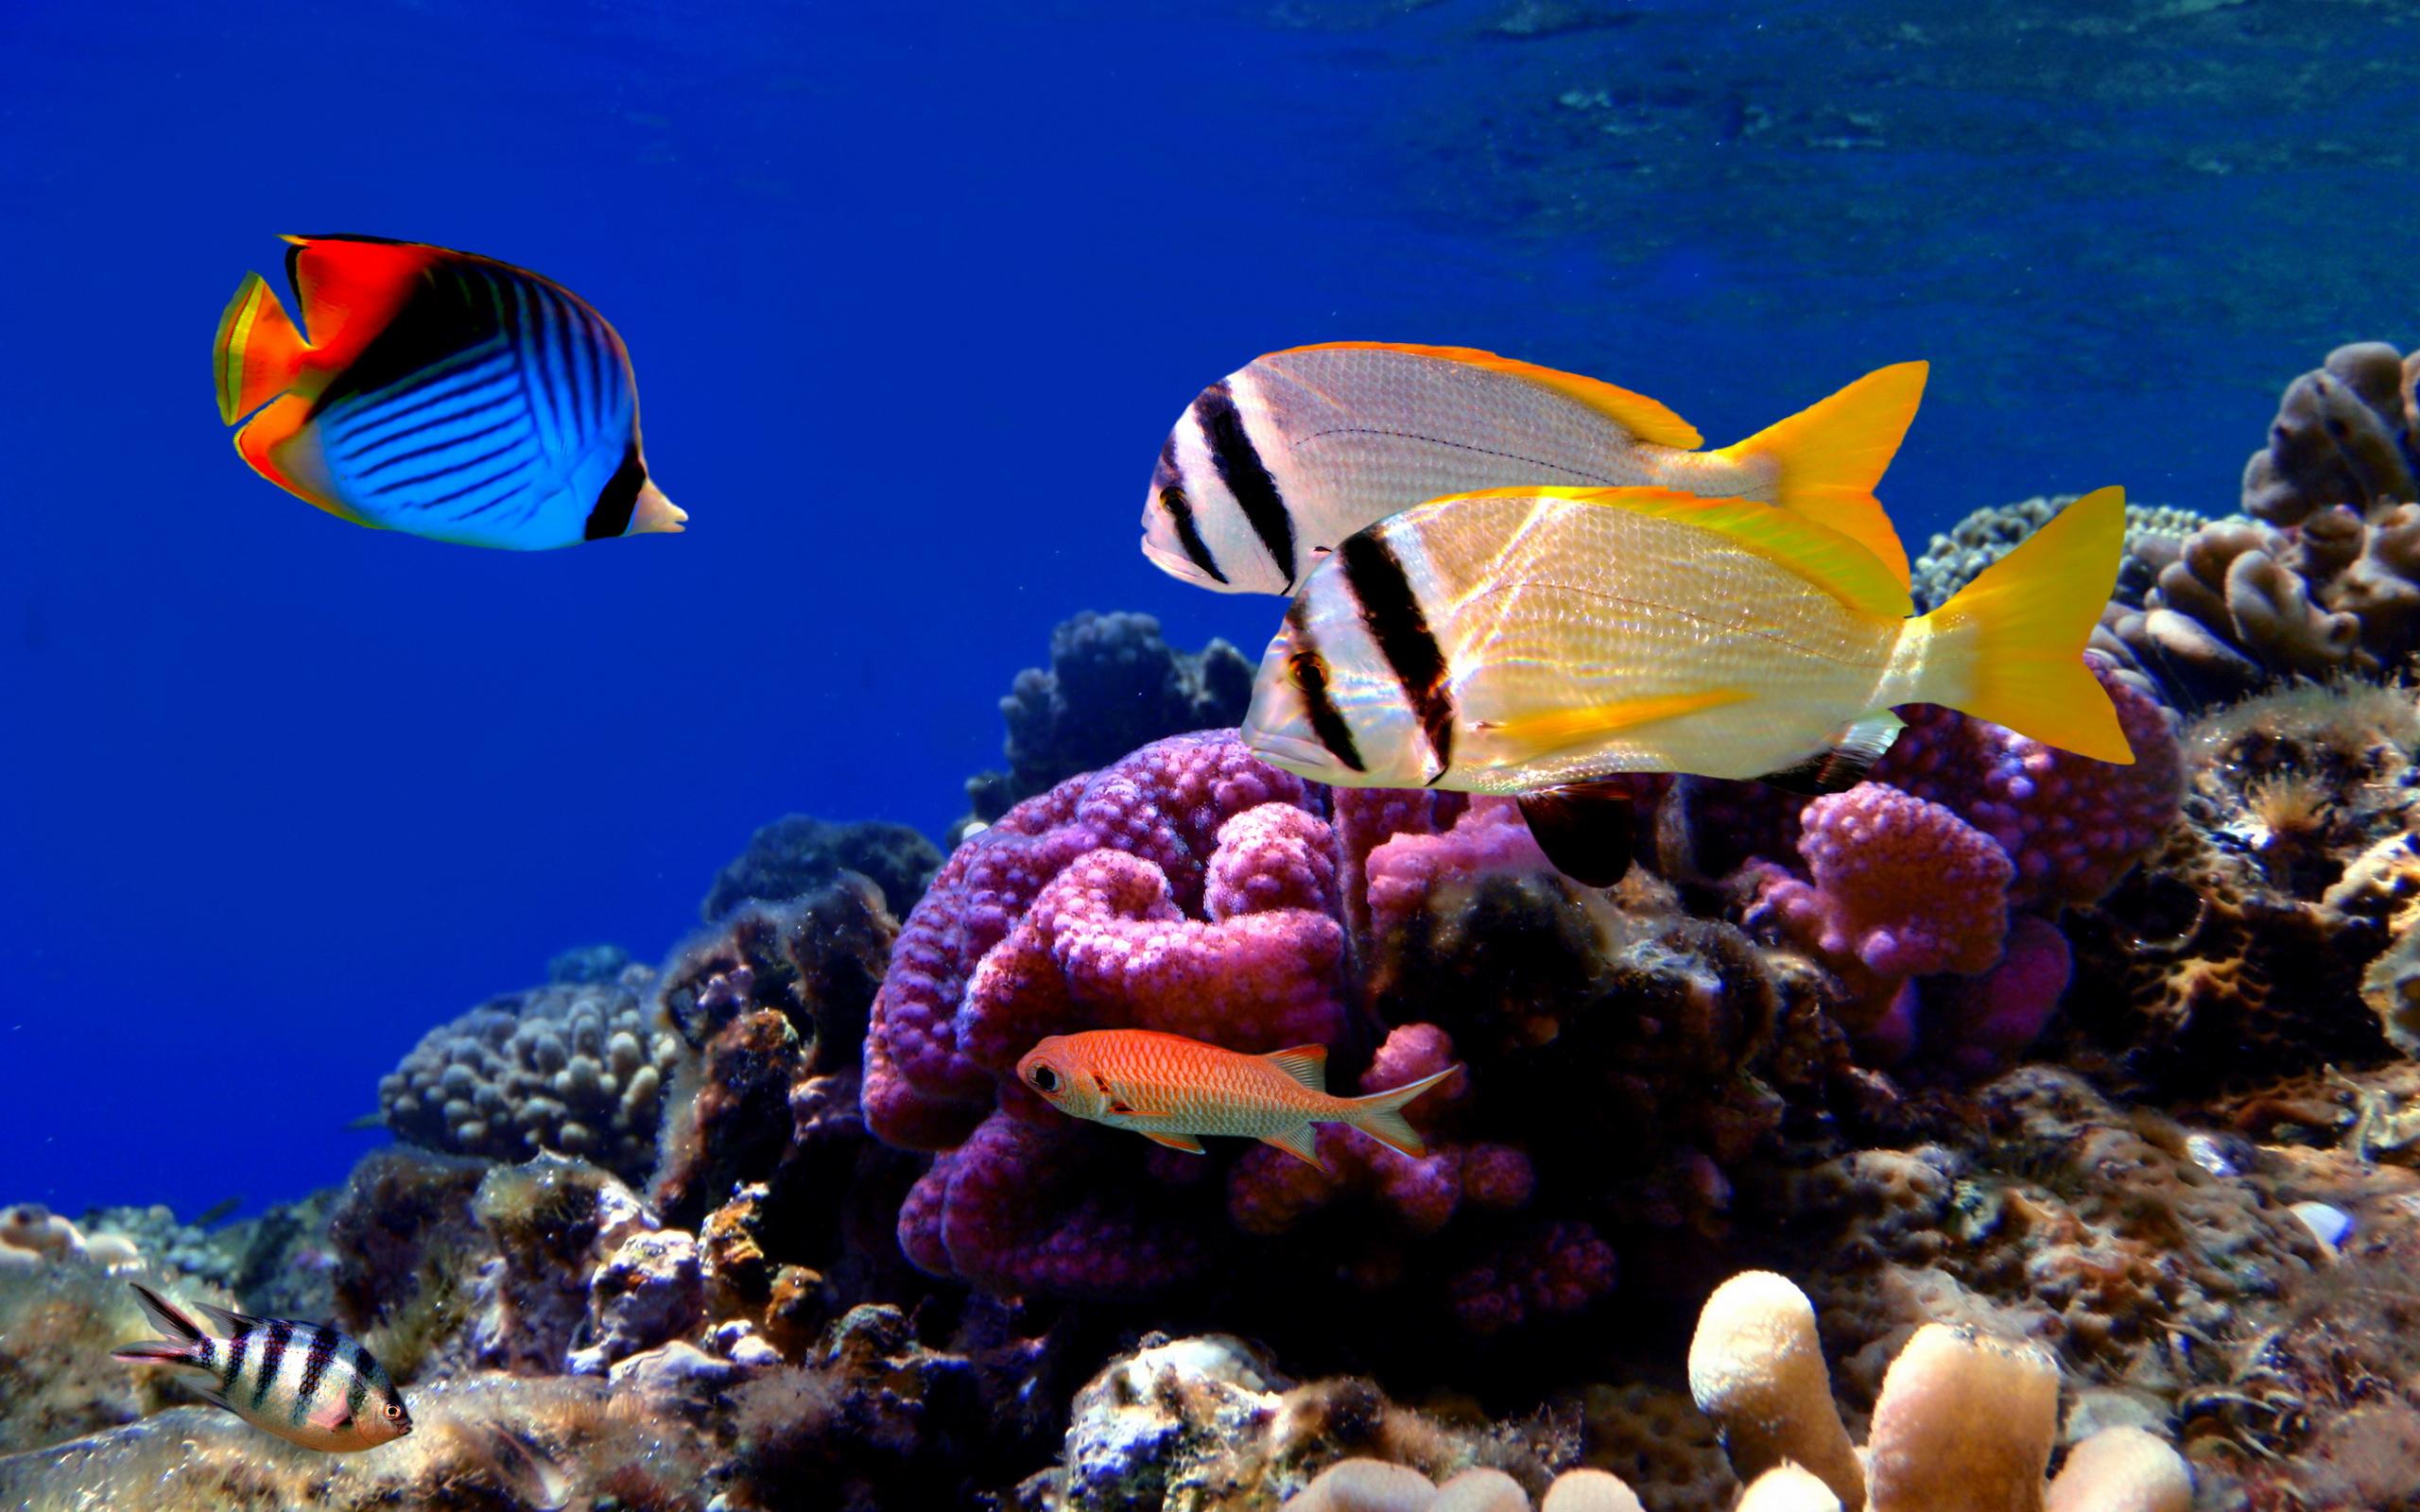 Aquarium 3d Live Wallpaper Pro Poisson Full Hd Fond D 233 Cran And Arri 232 Re Plan 2560x1600